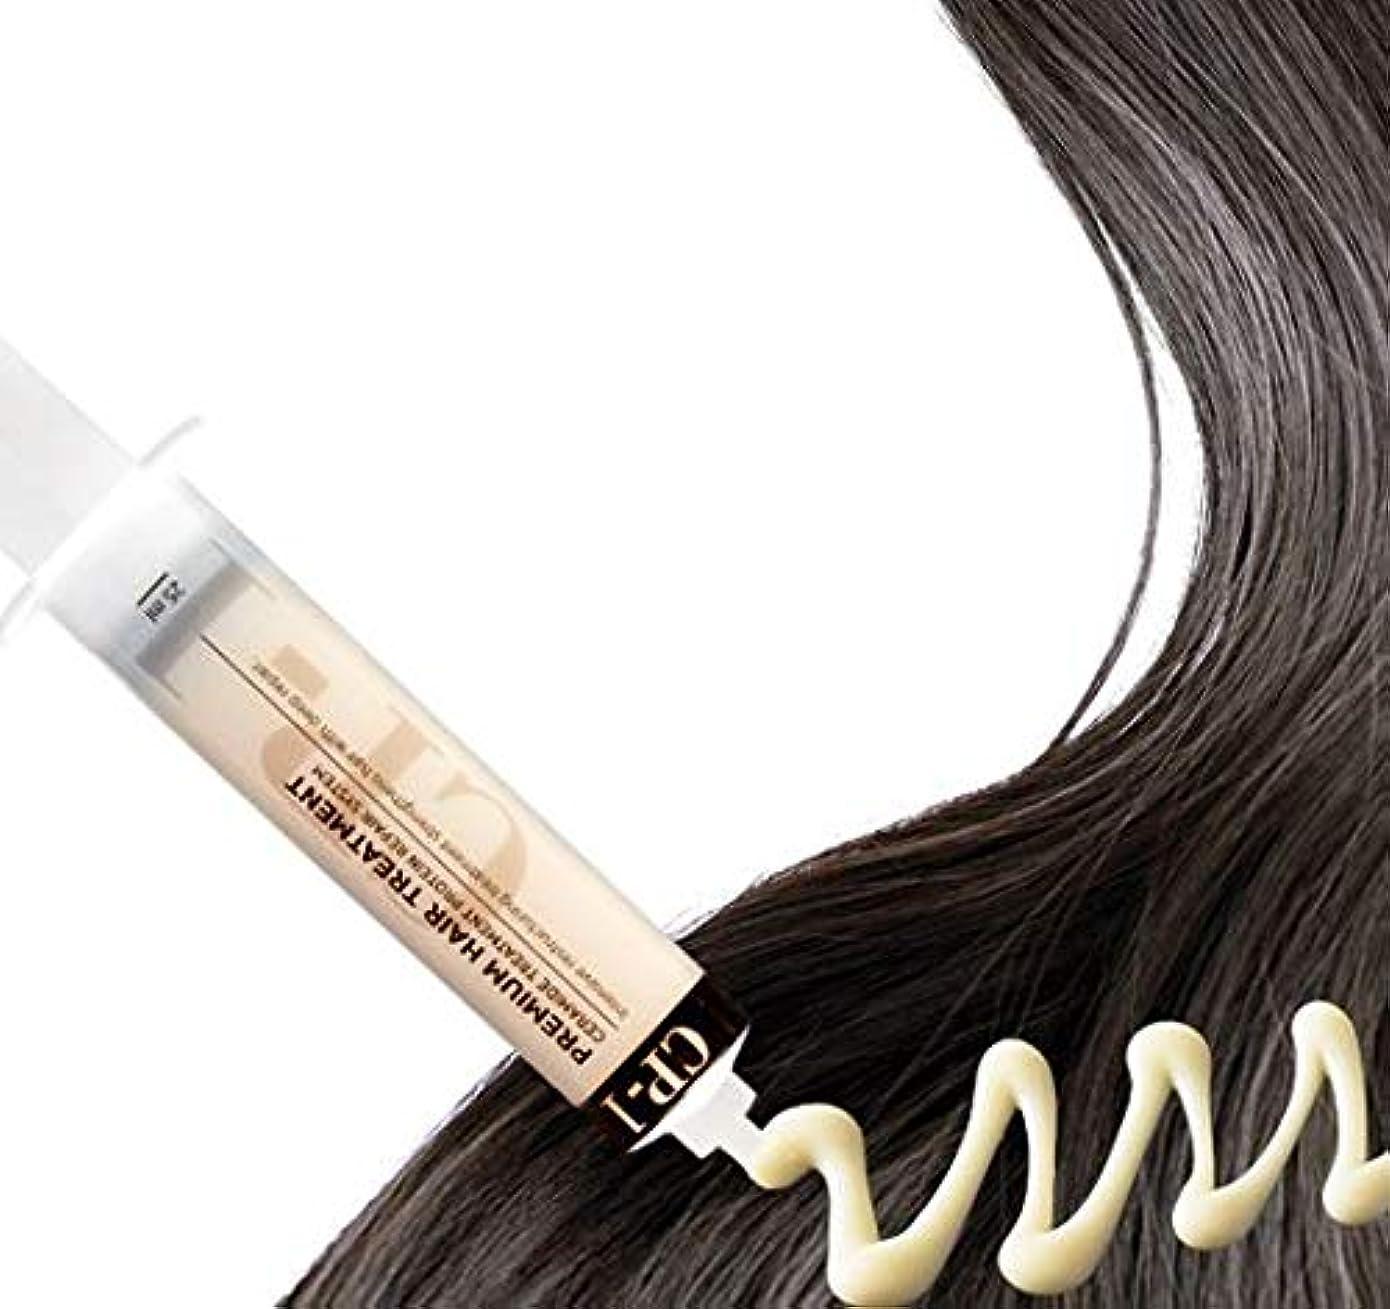 免除する倒産データCP-1 Premium Hair Treatment 25ml [並行輸入品]